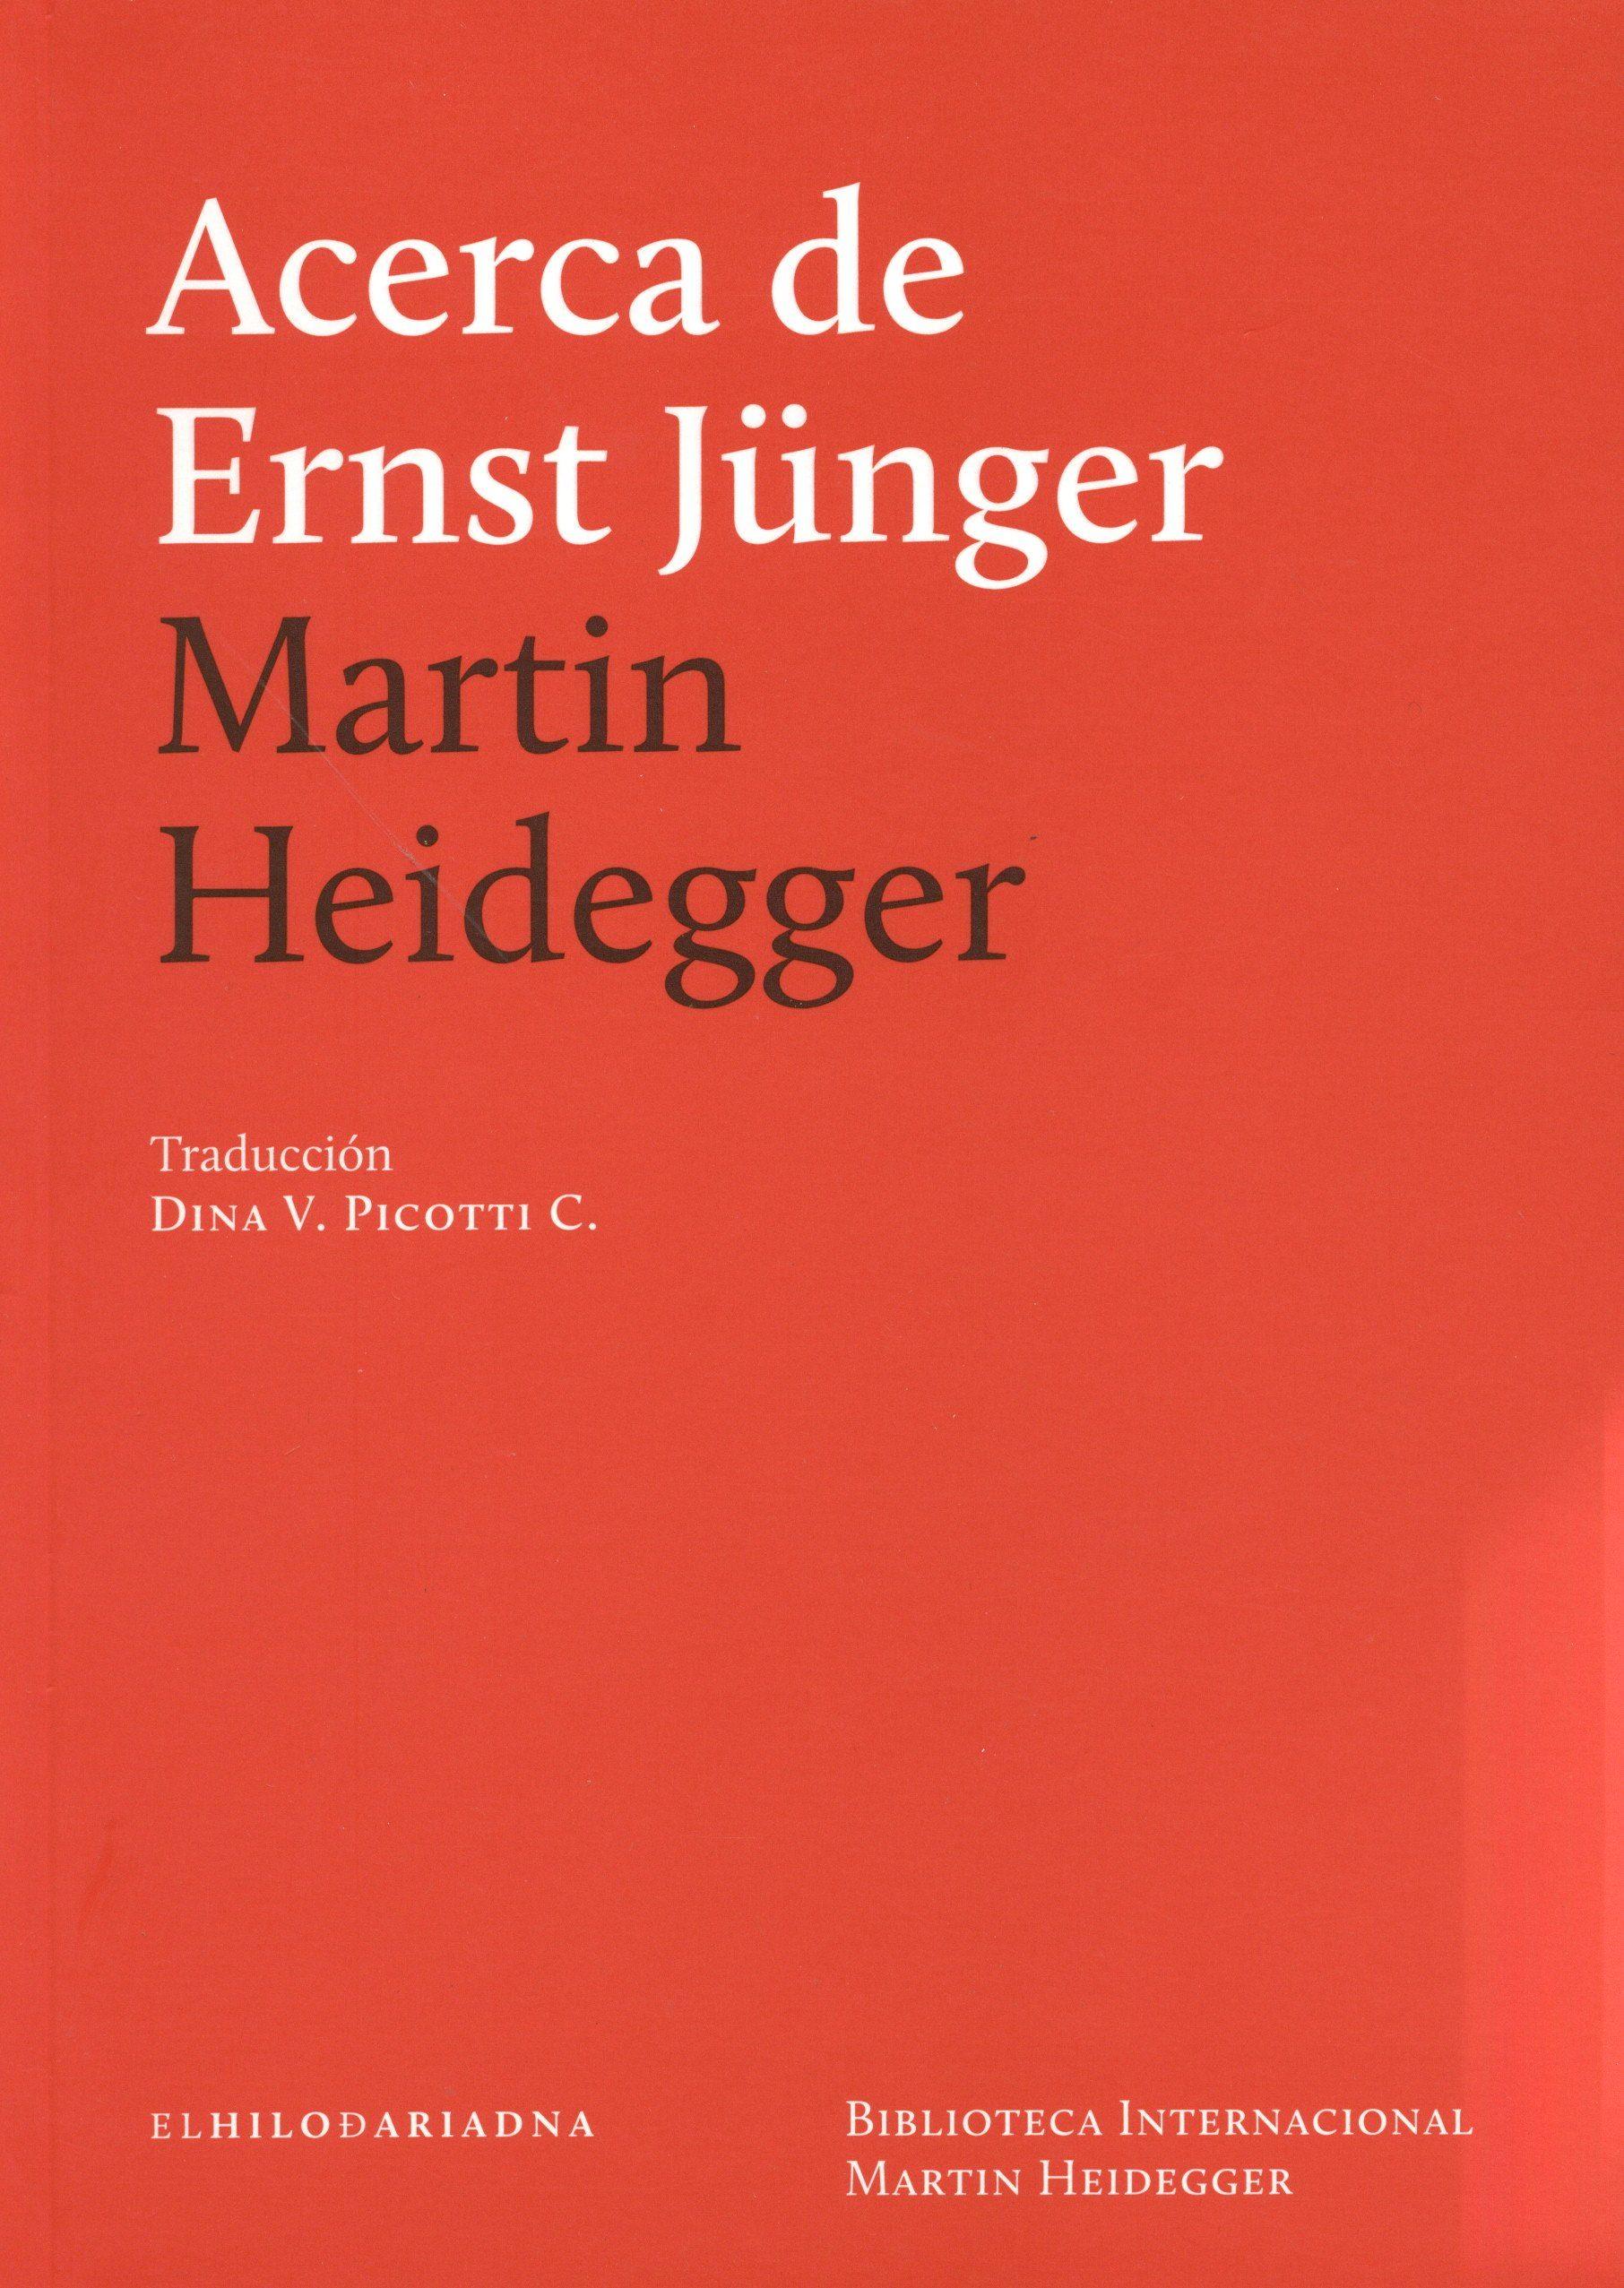 Acerca de Ernst Junger - Martin Heidegger